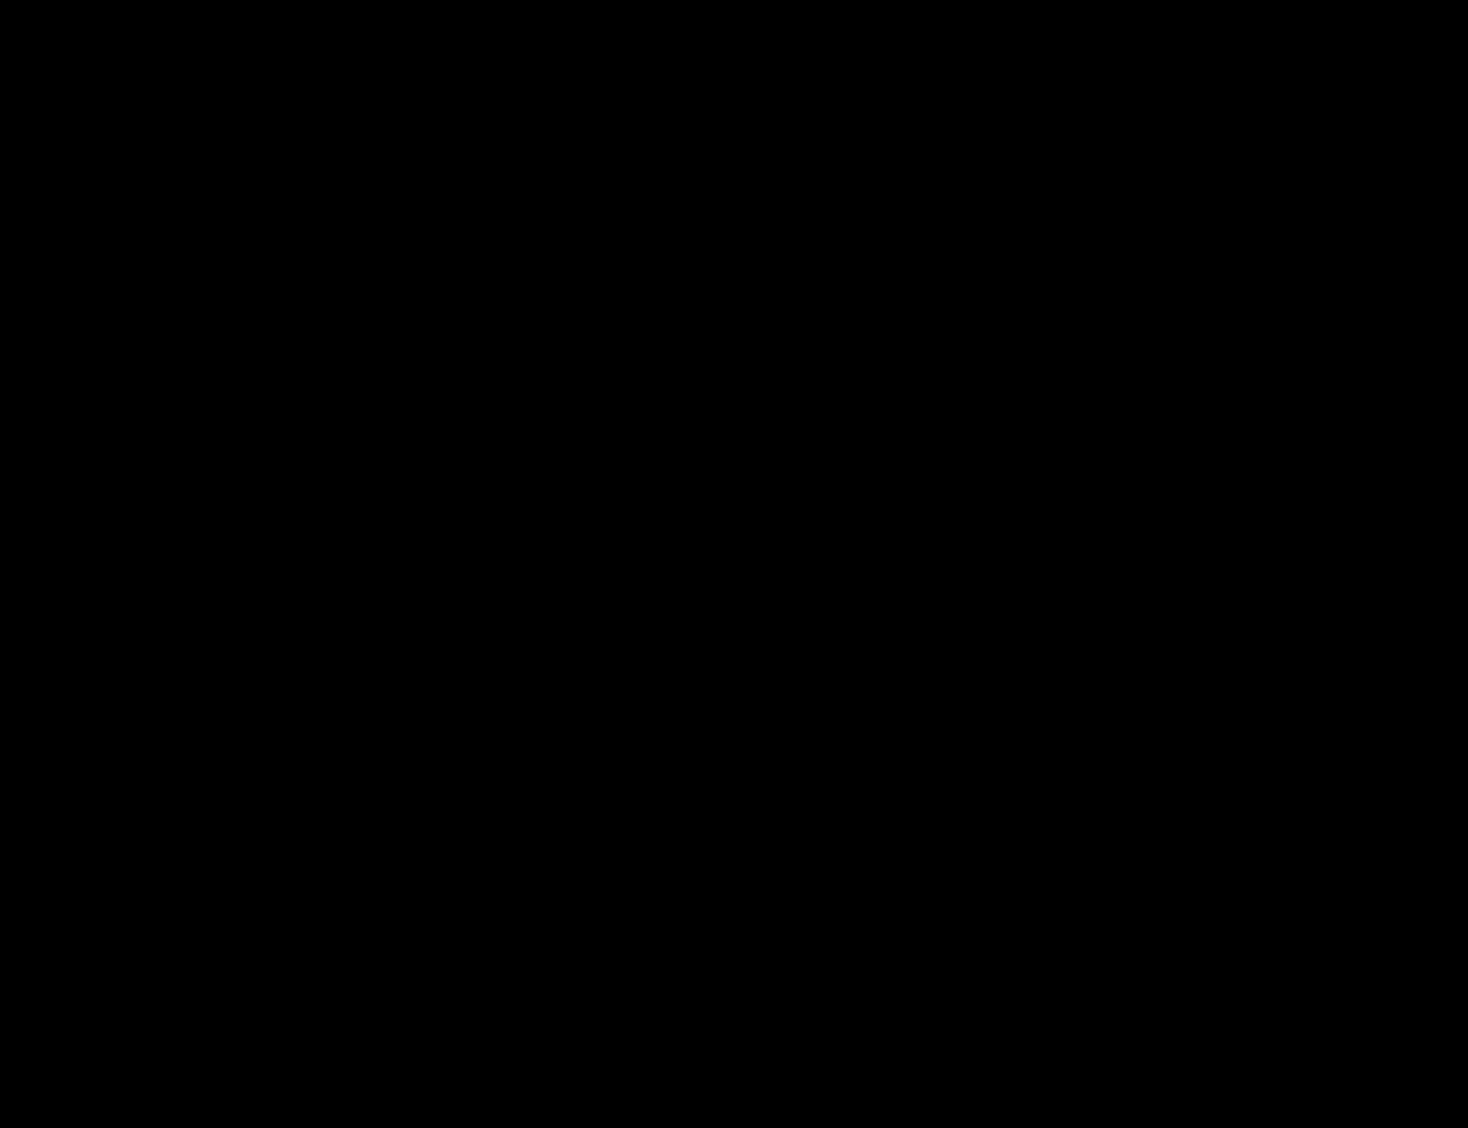 N-Dansyl (2-di(propargyl)aminoethyl)amine